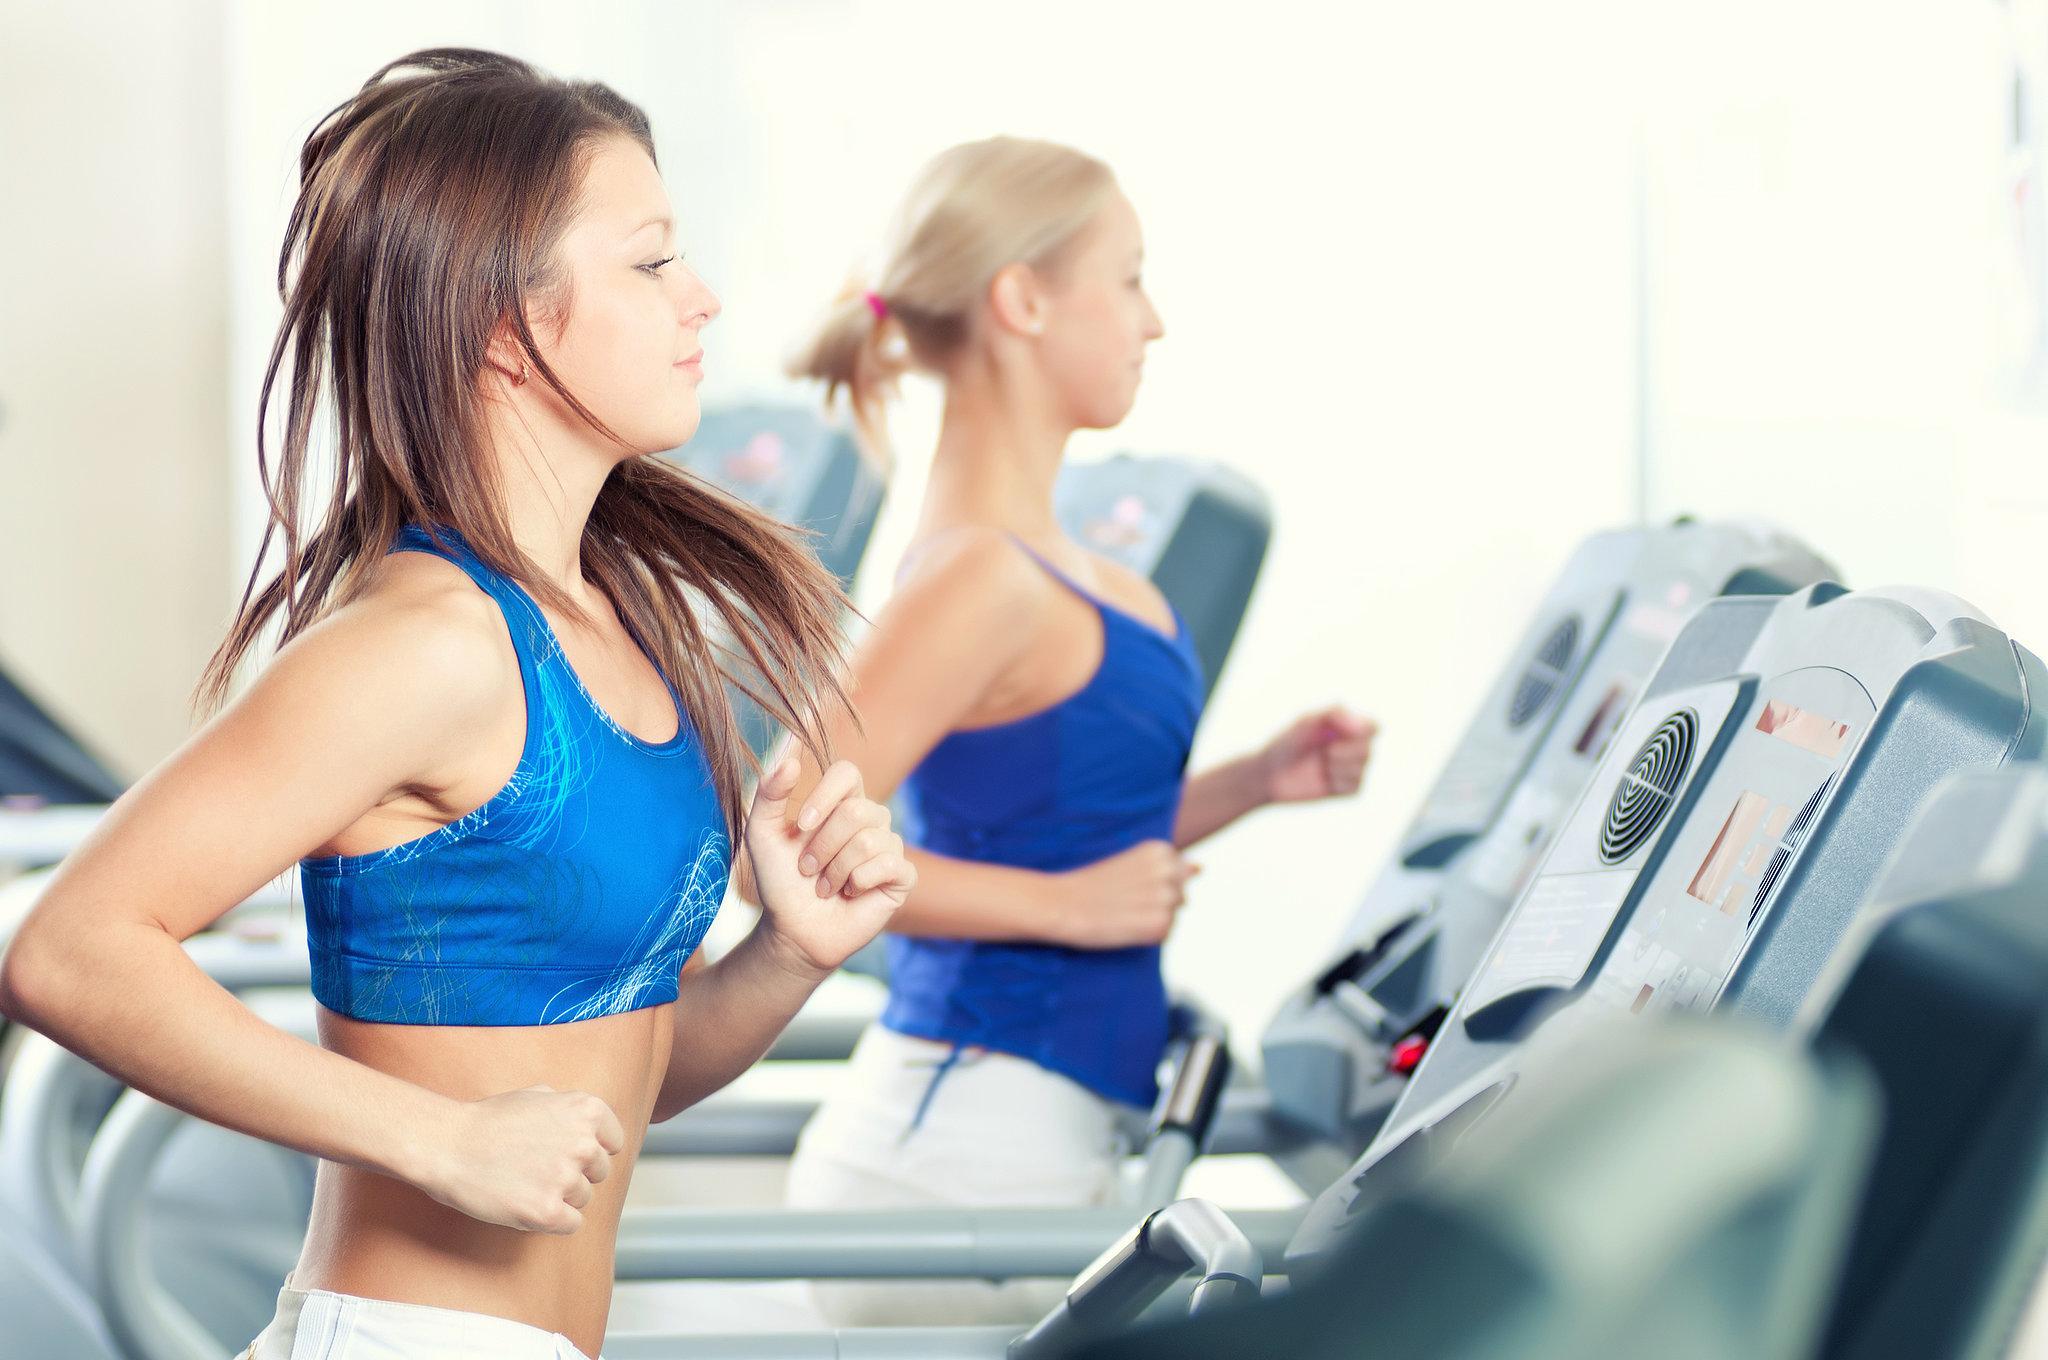 fitness treadmill wallpaper 51323